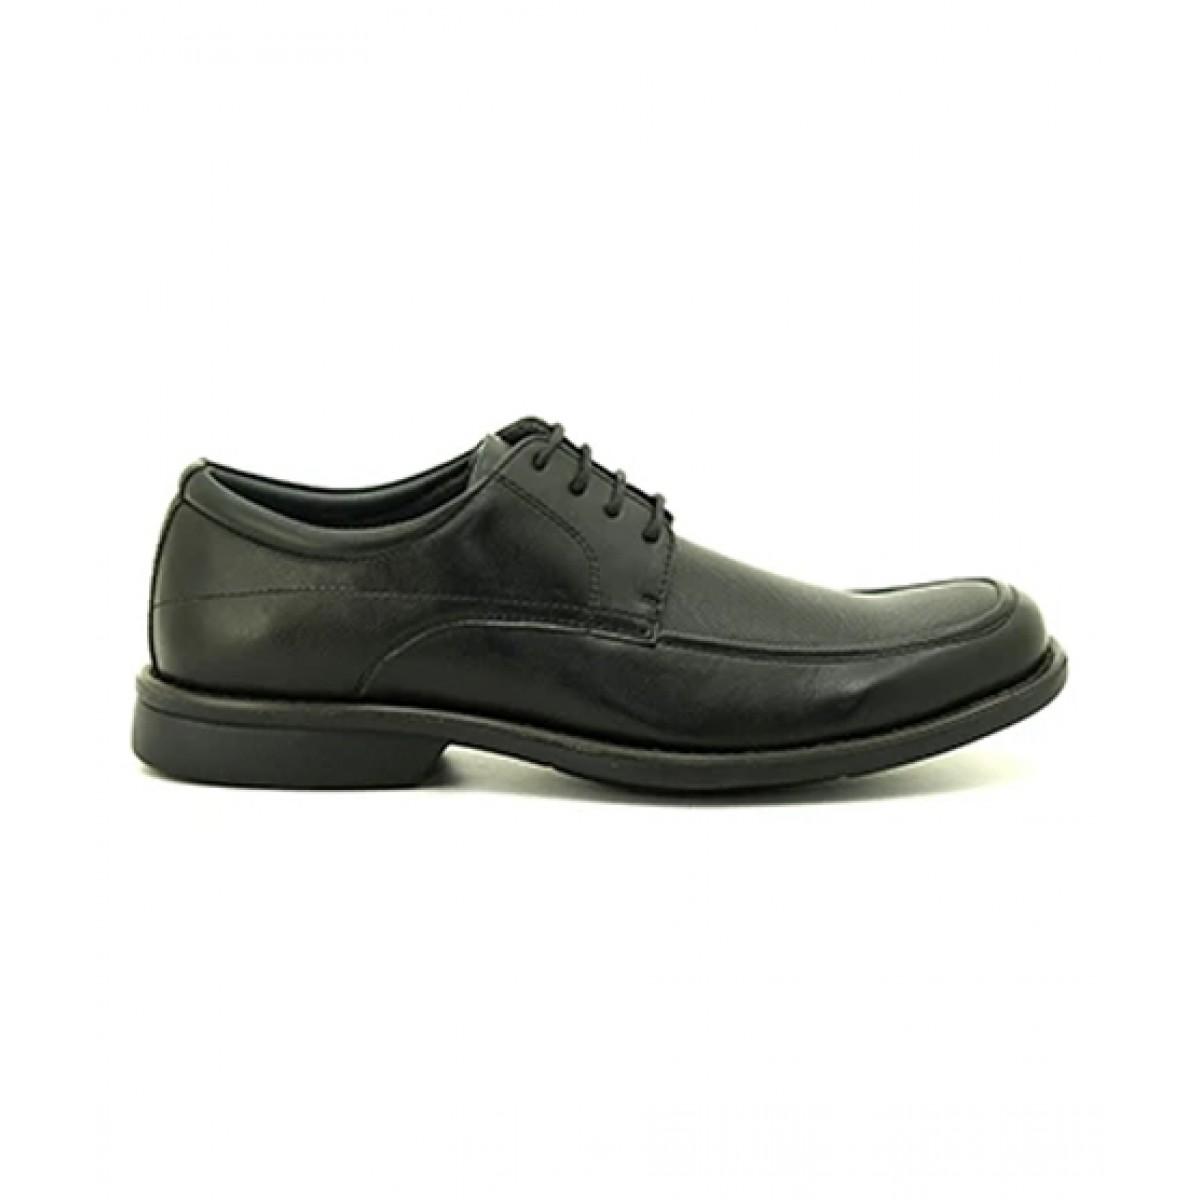 Bata Formal Shoes For Men Black (882-6944)